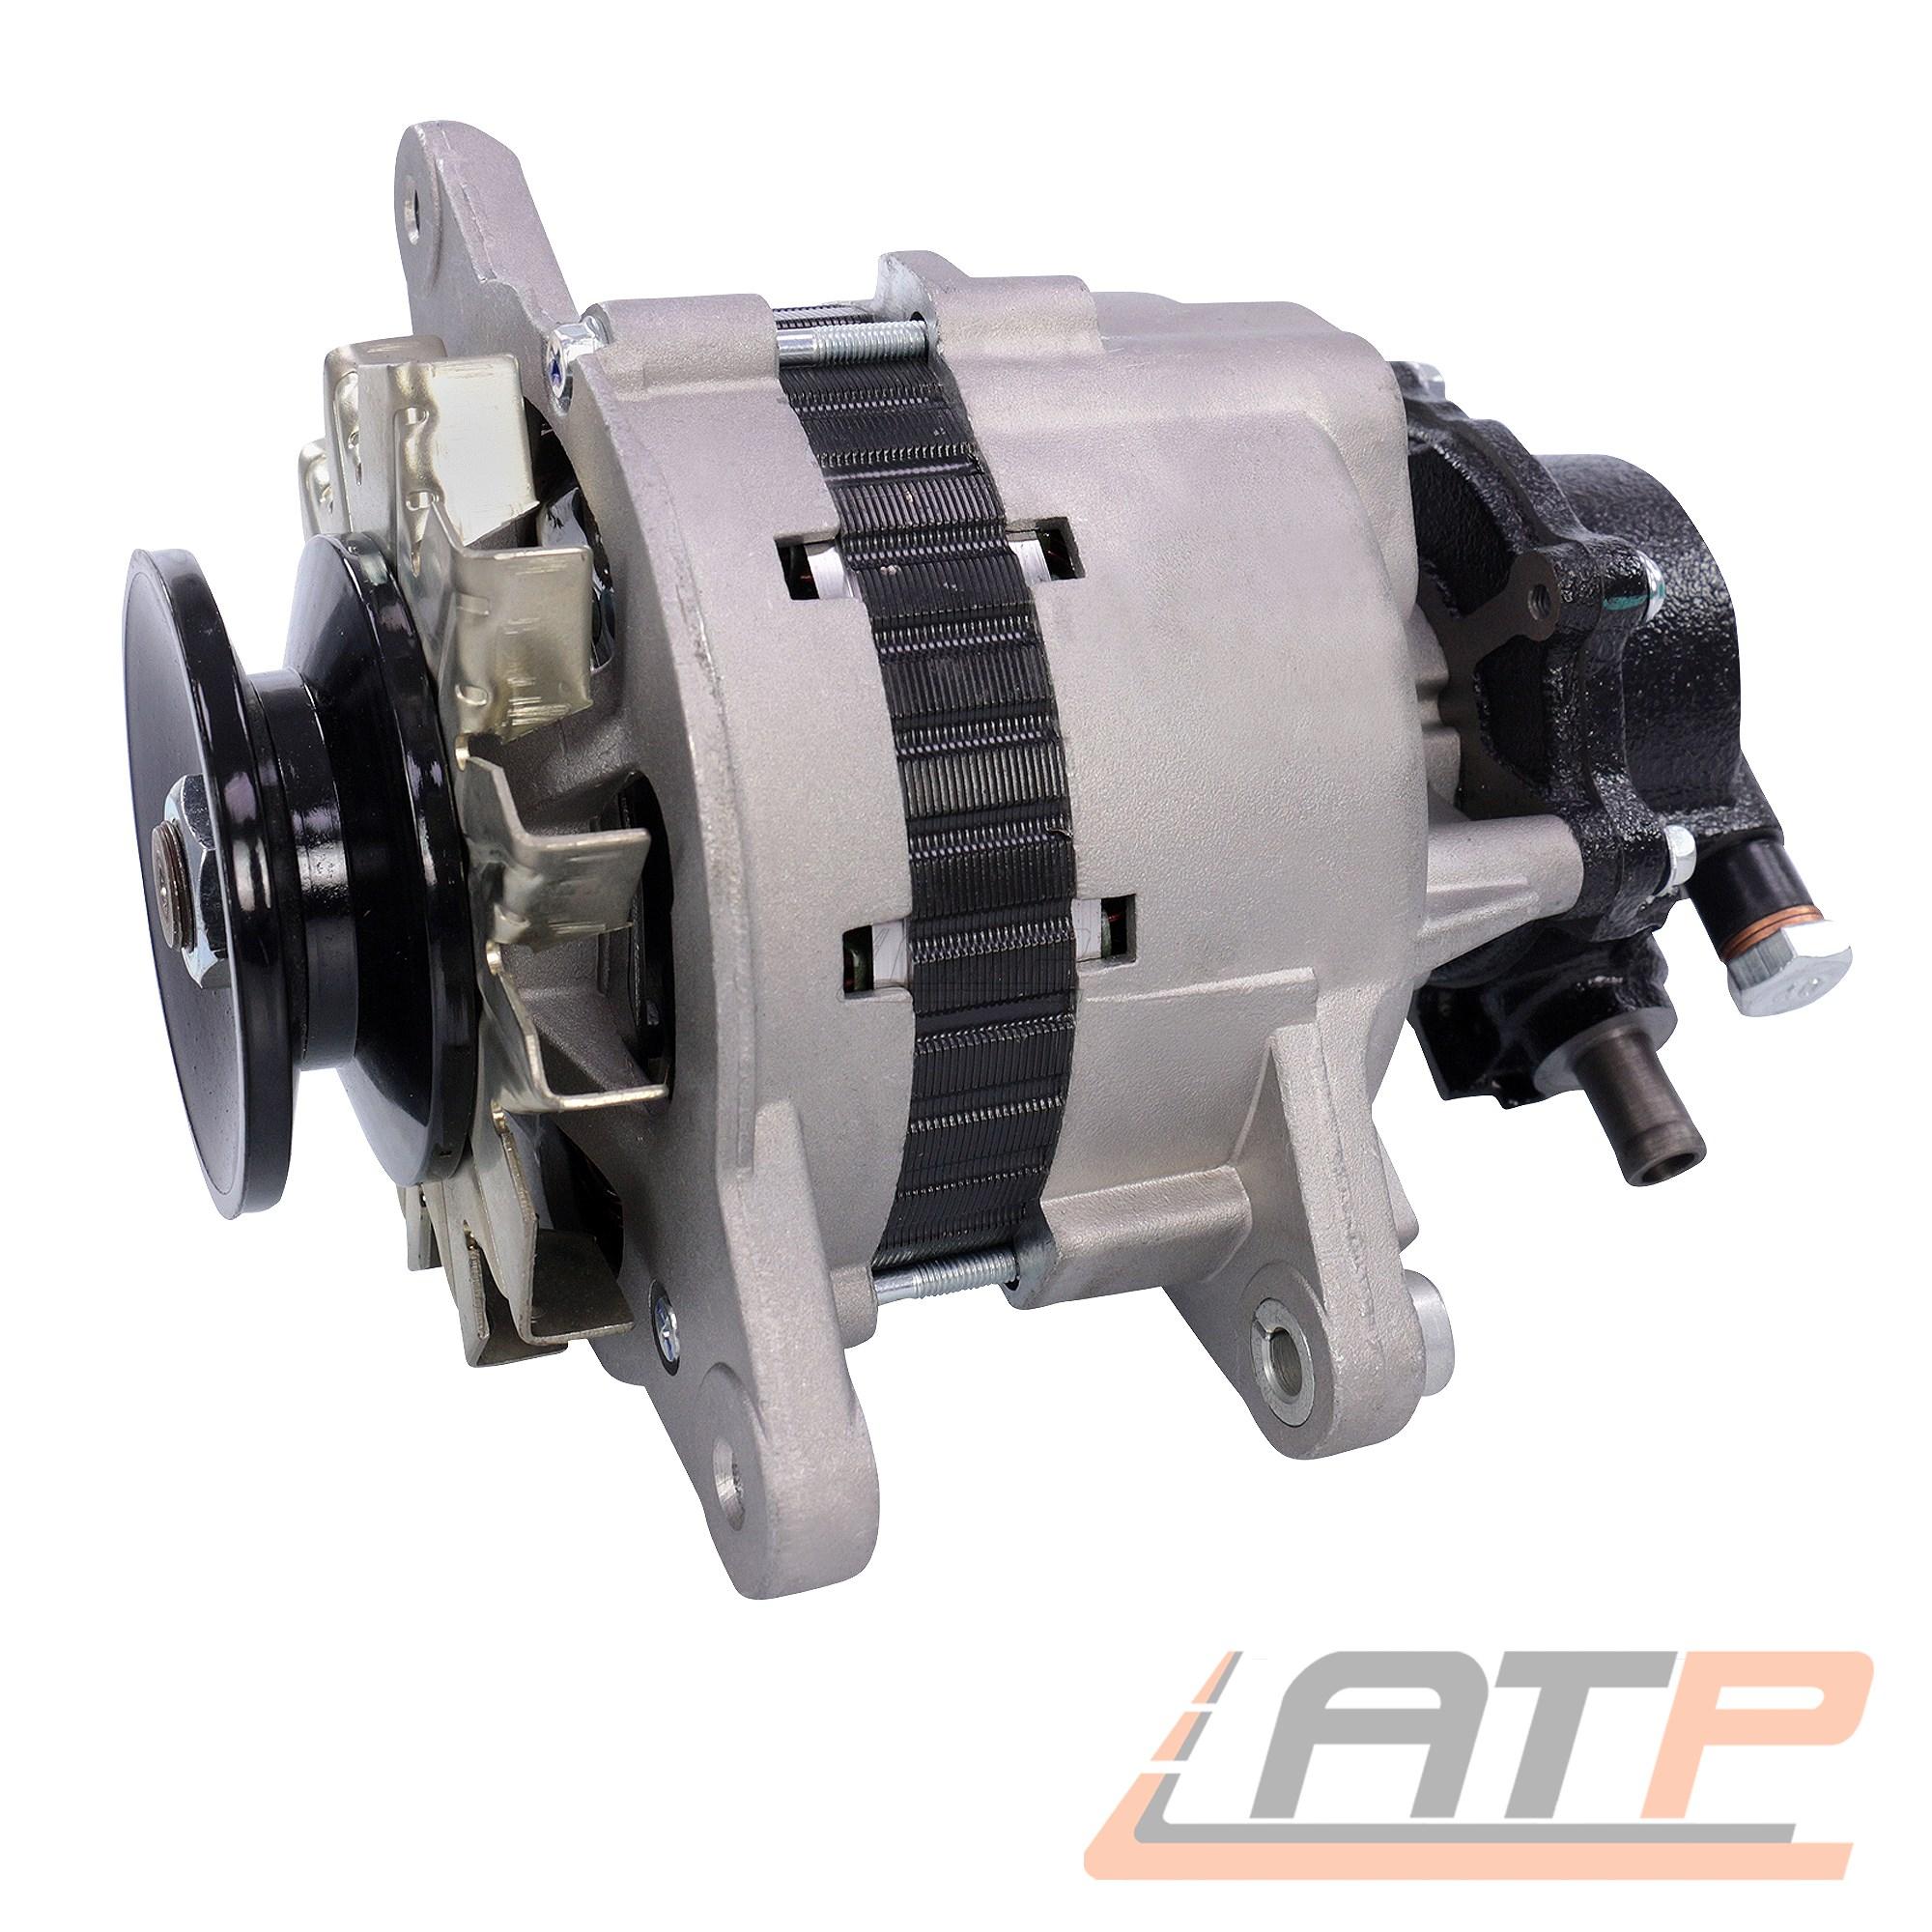 La dínamo generador mitsubishi l200 2.5 d TD BJ 86-96